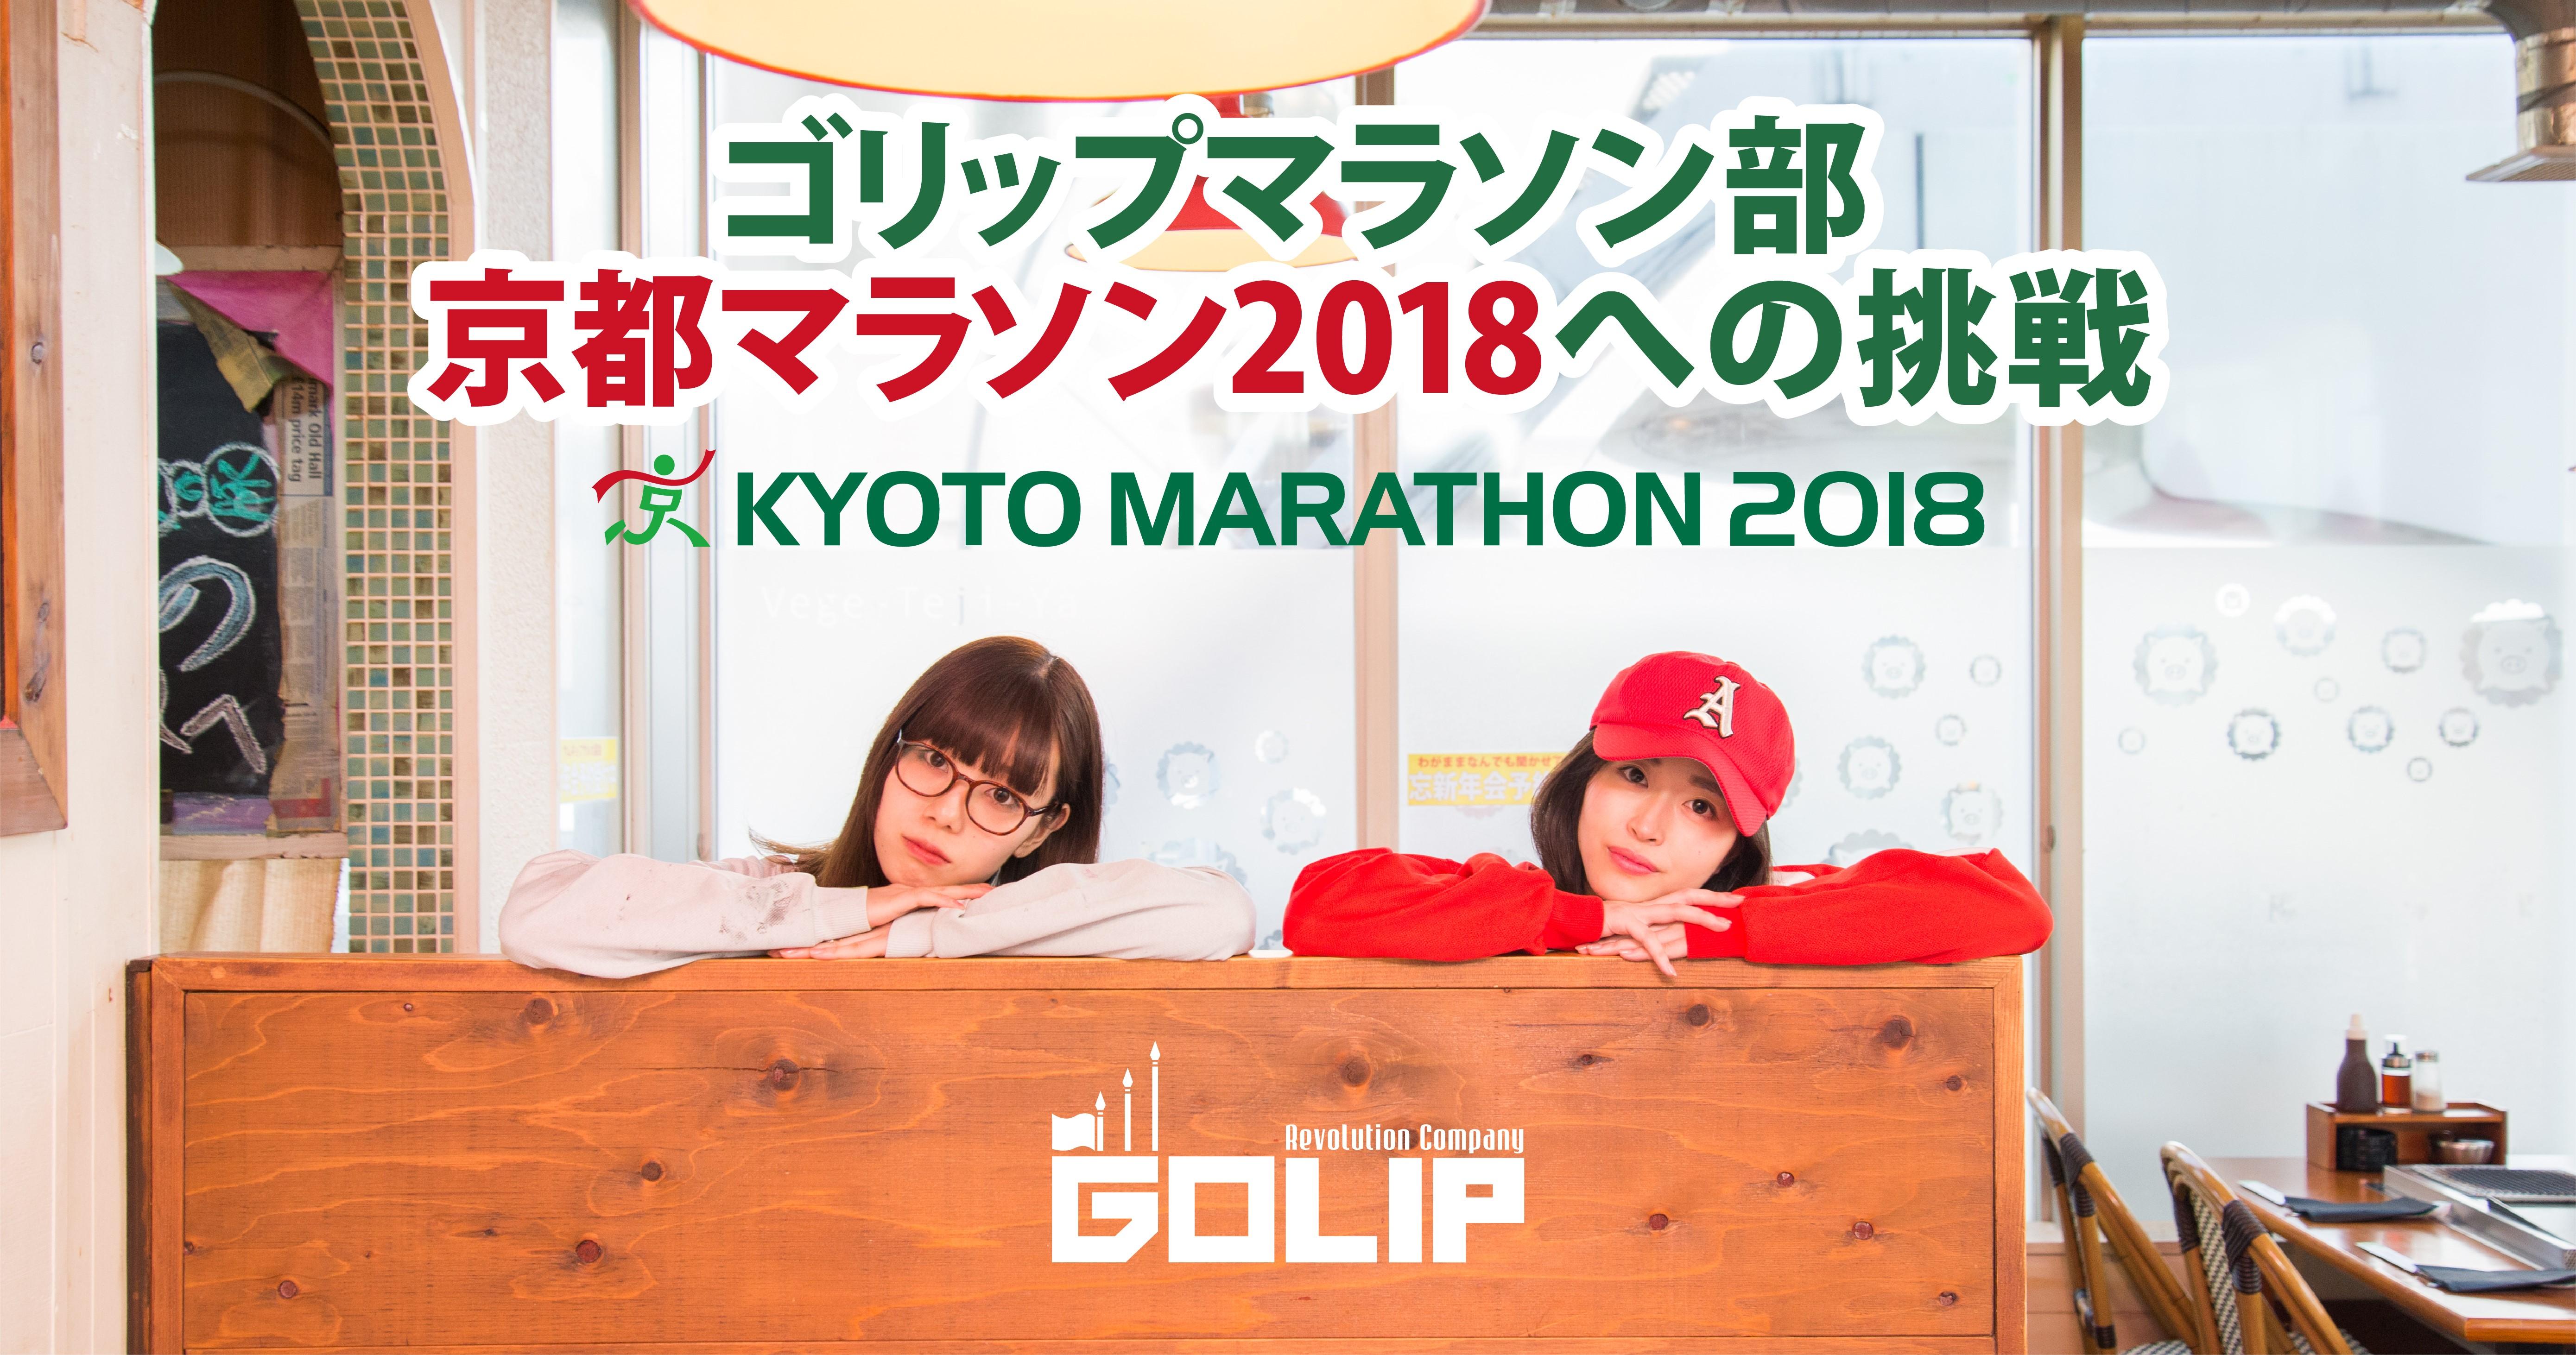 72京都マラソンWEB連載キービジュアル05